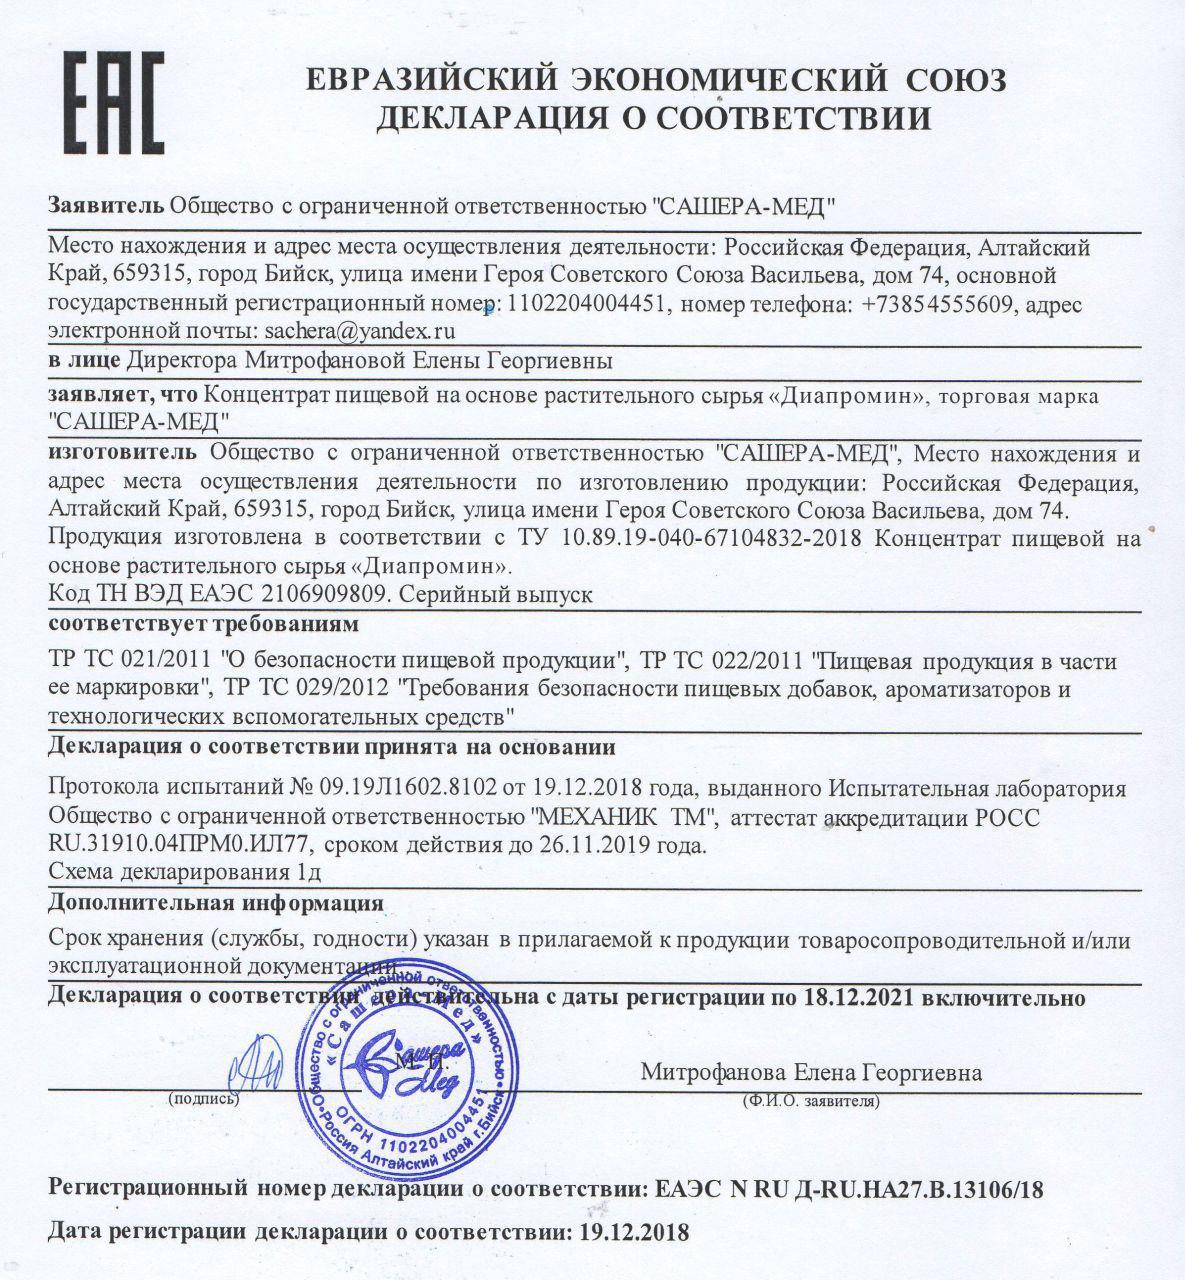 Сертификат качества Диапромин